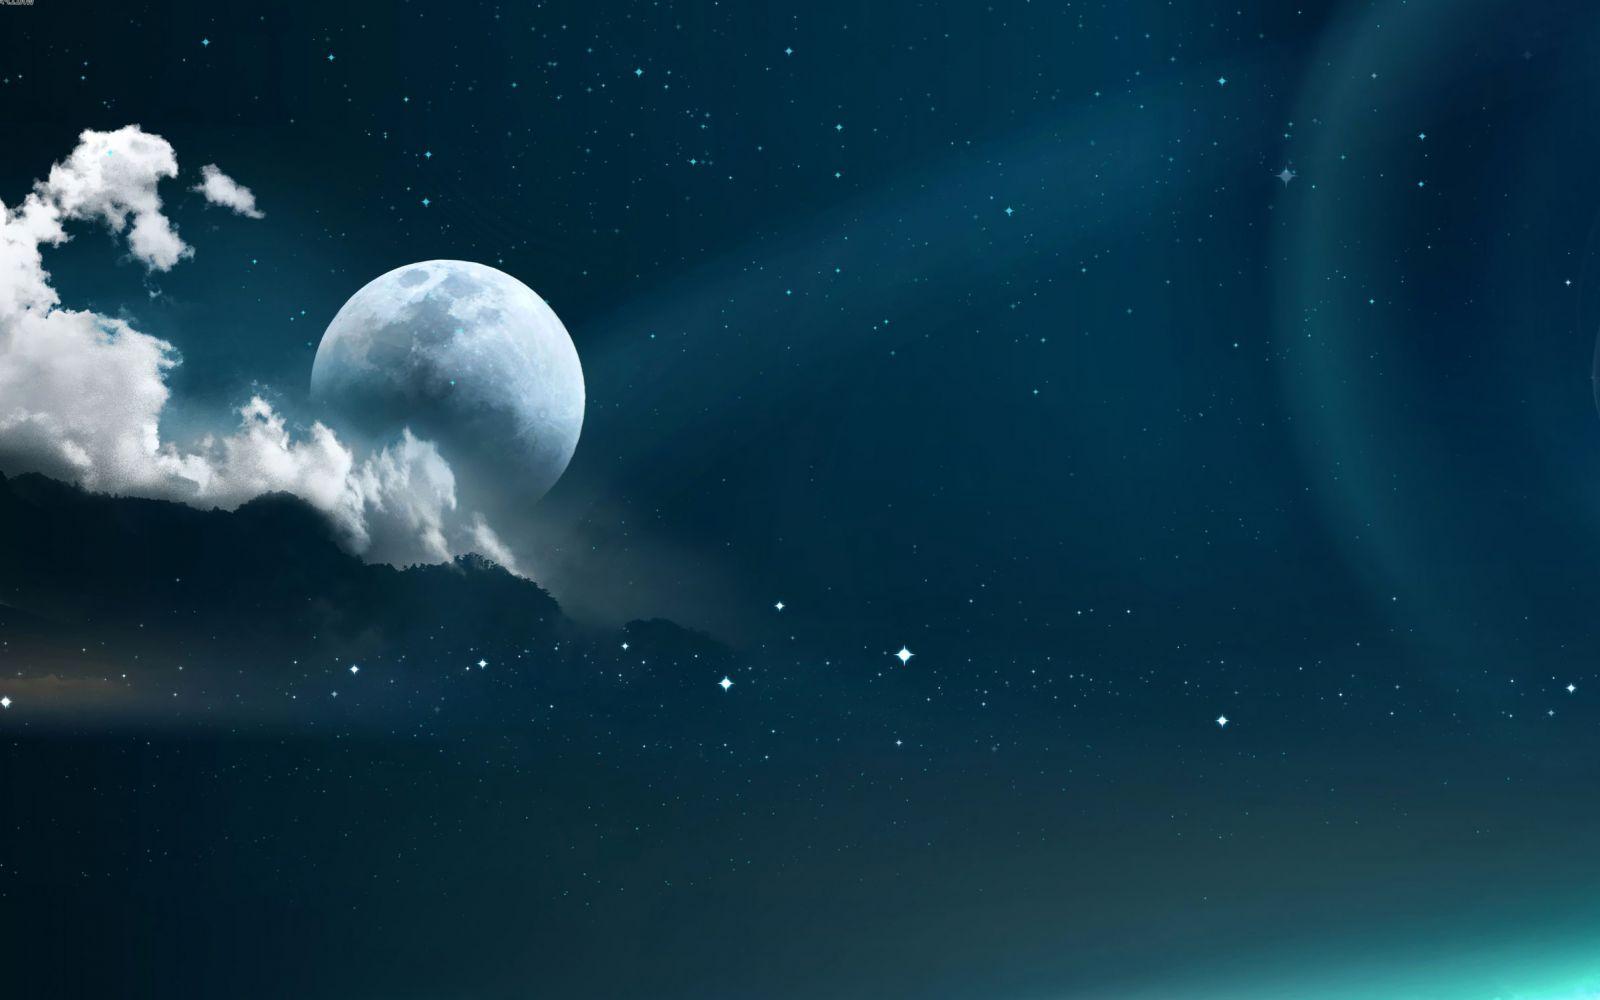 нельзя смотреть на луну